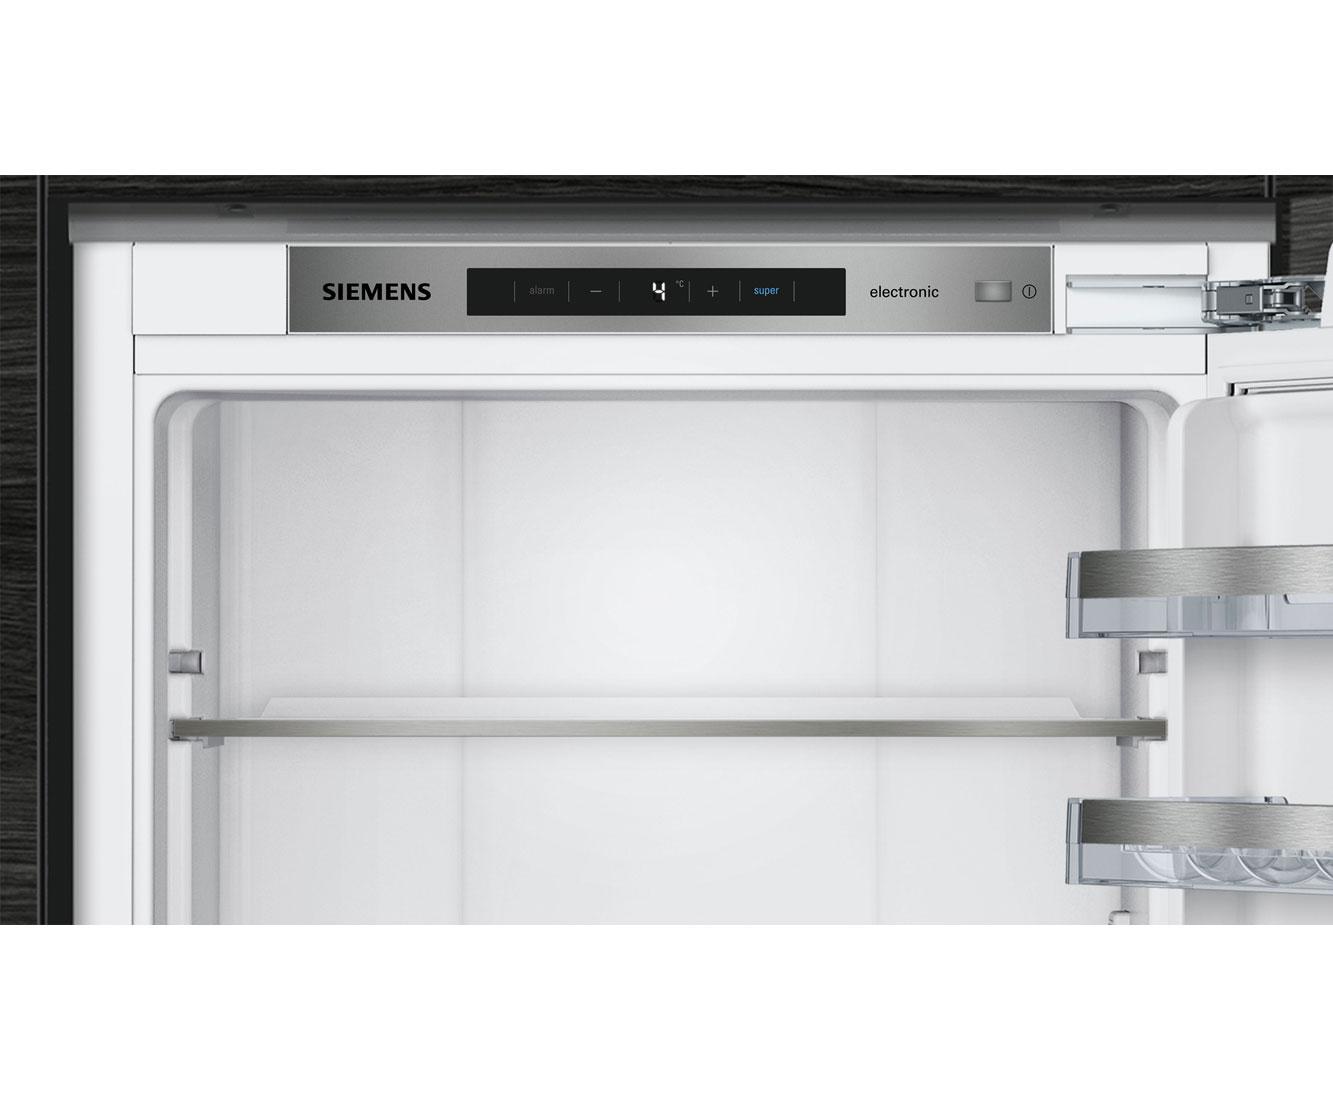 Siemens Kühlschrank Iq700 : Siemens iq ki fad einbau kühlschrank festtür technik a